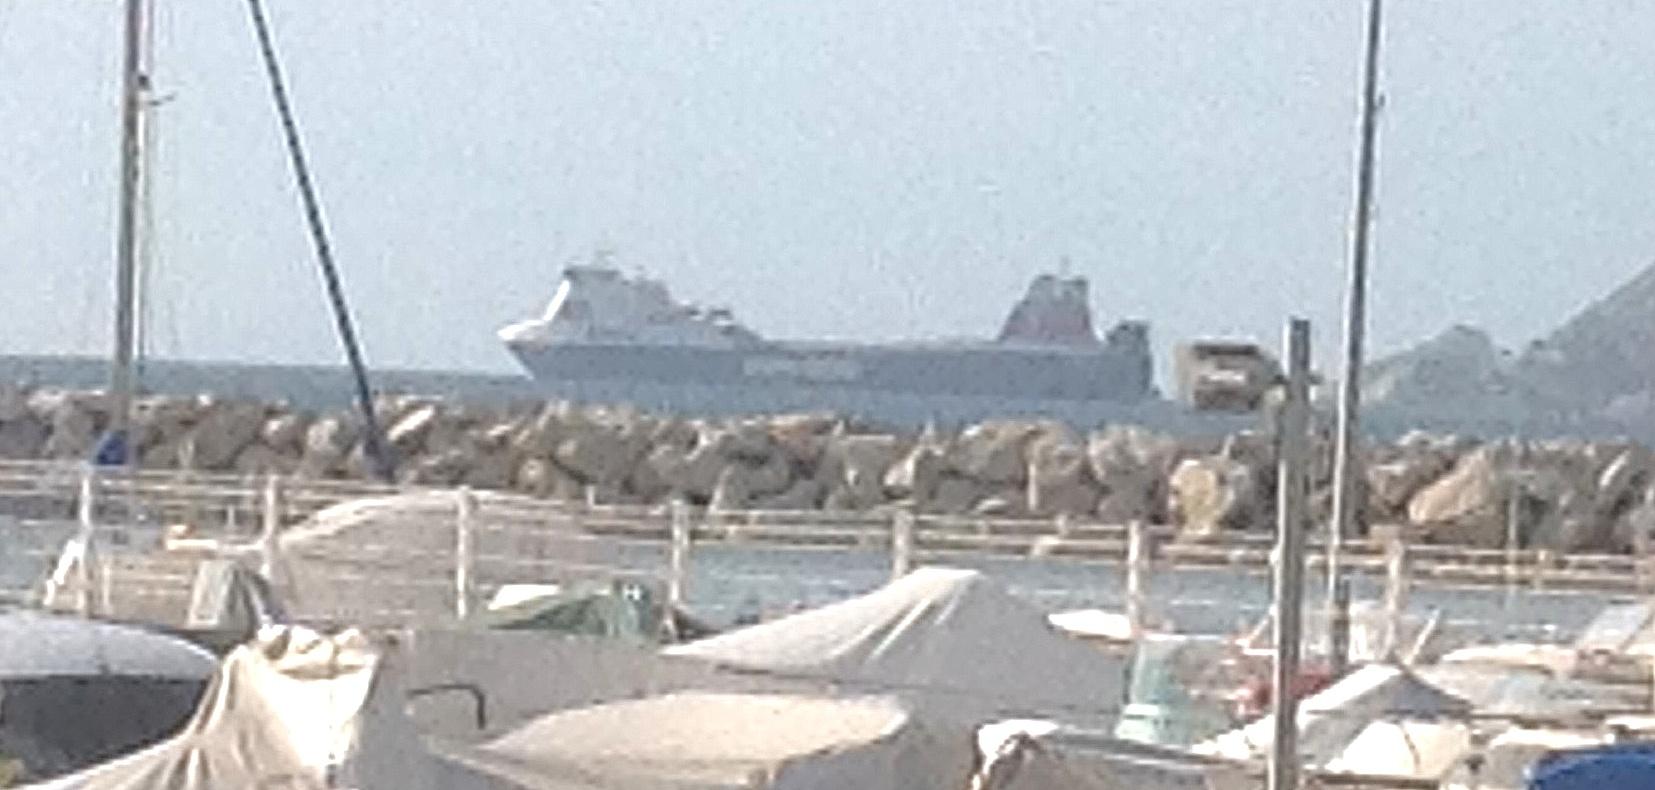 Le Stena Carrier continue à tourner en rond à Marseille